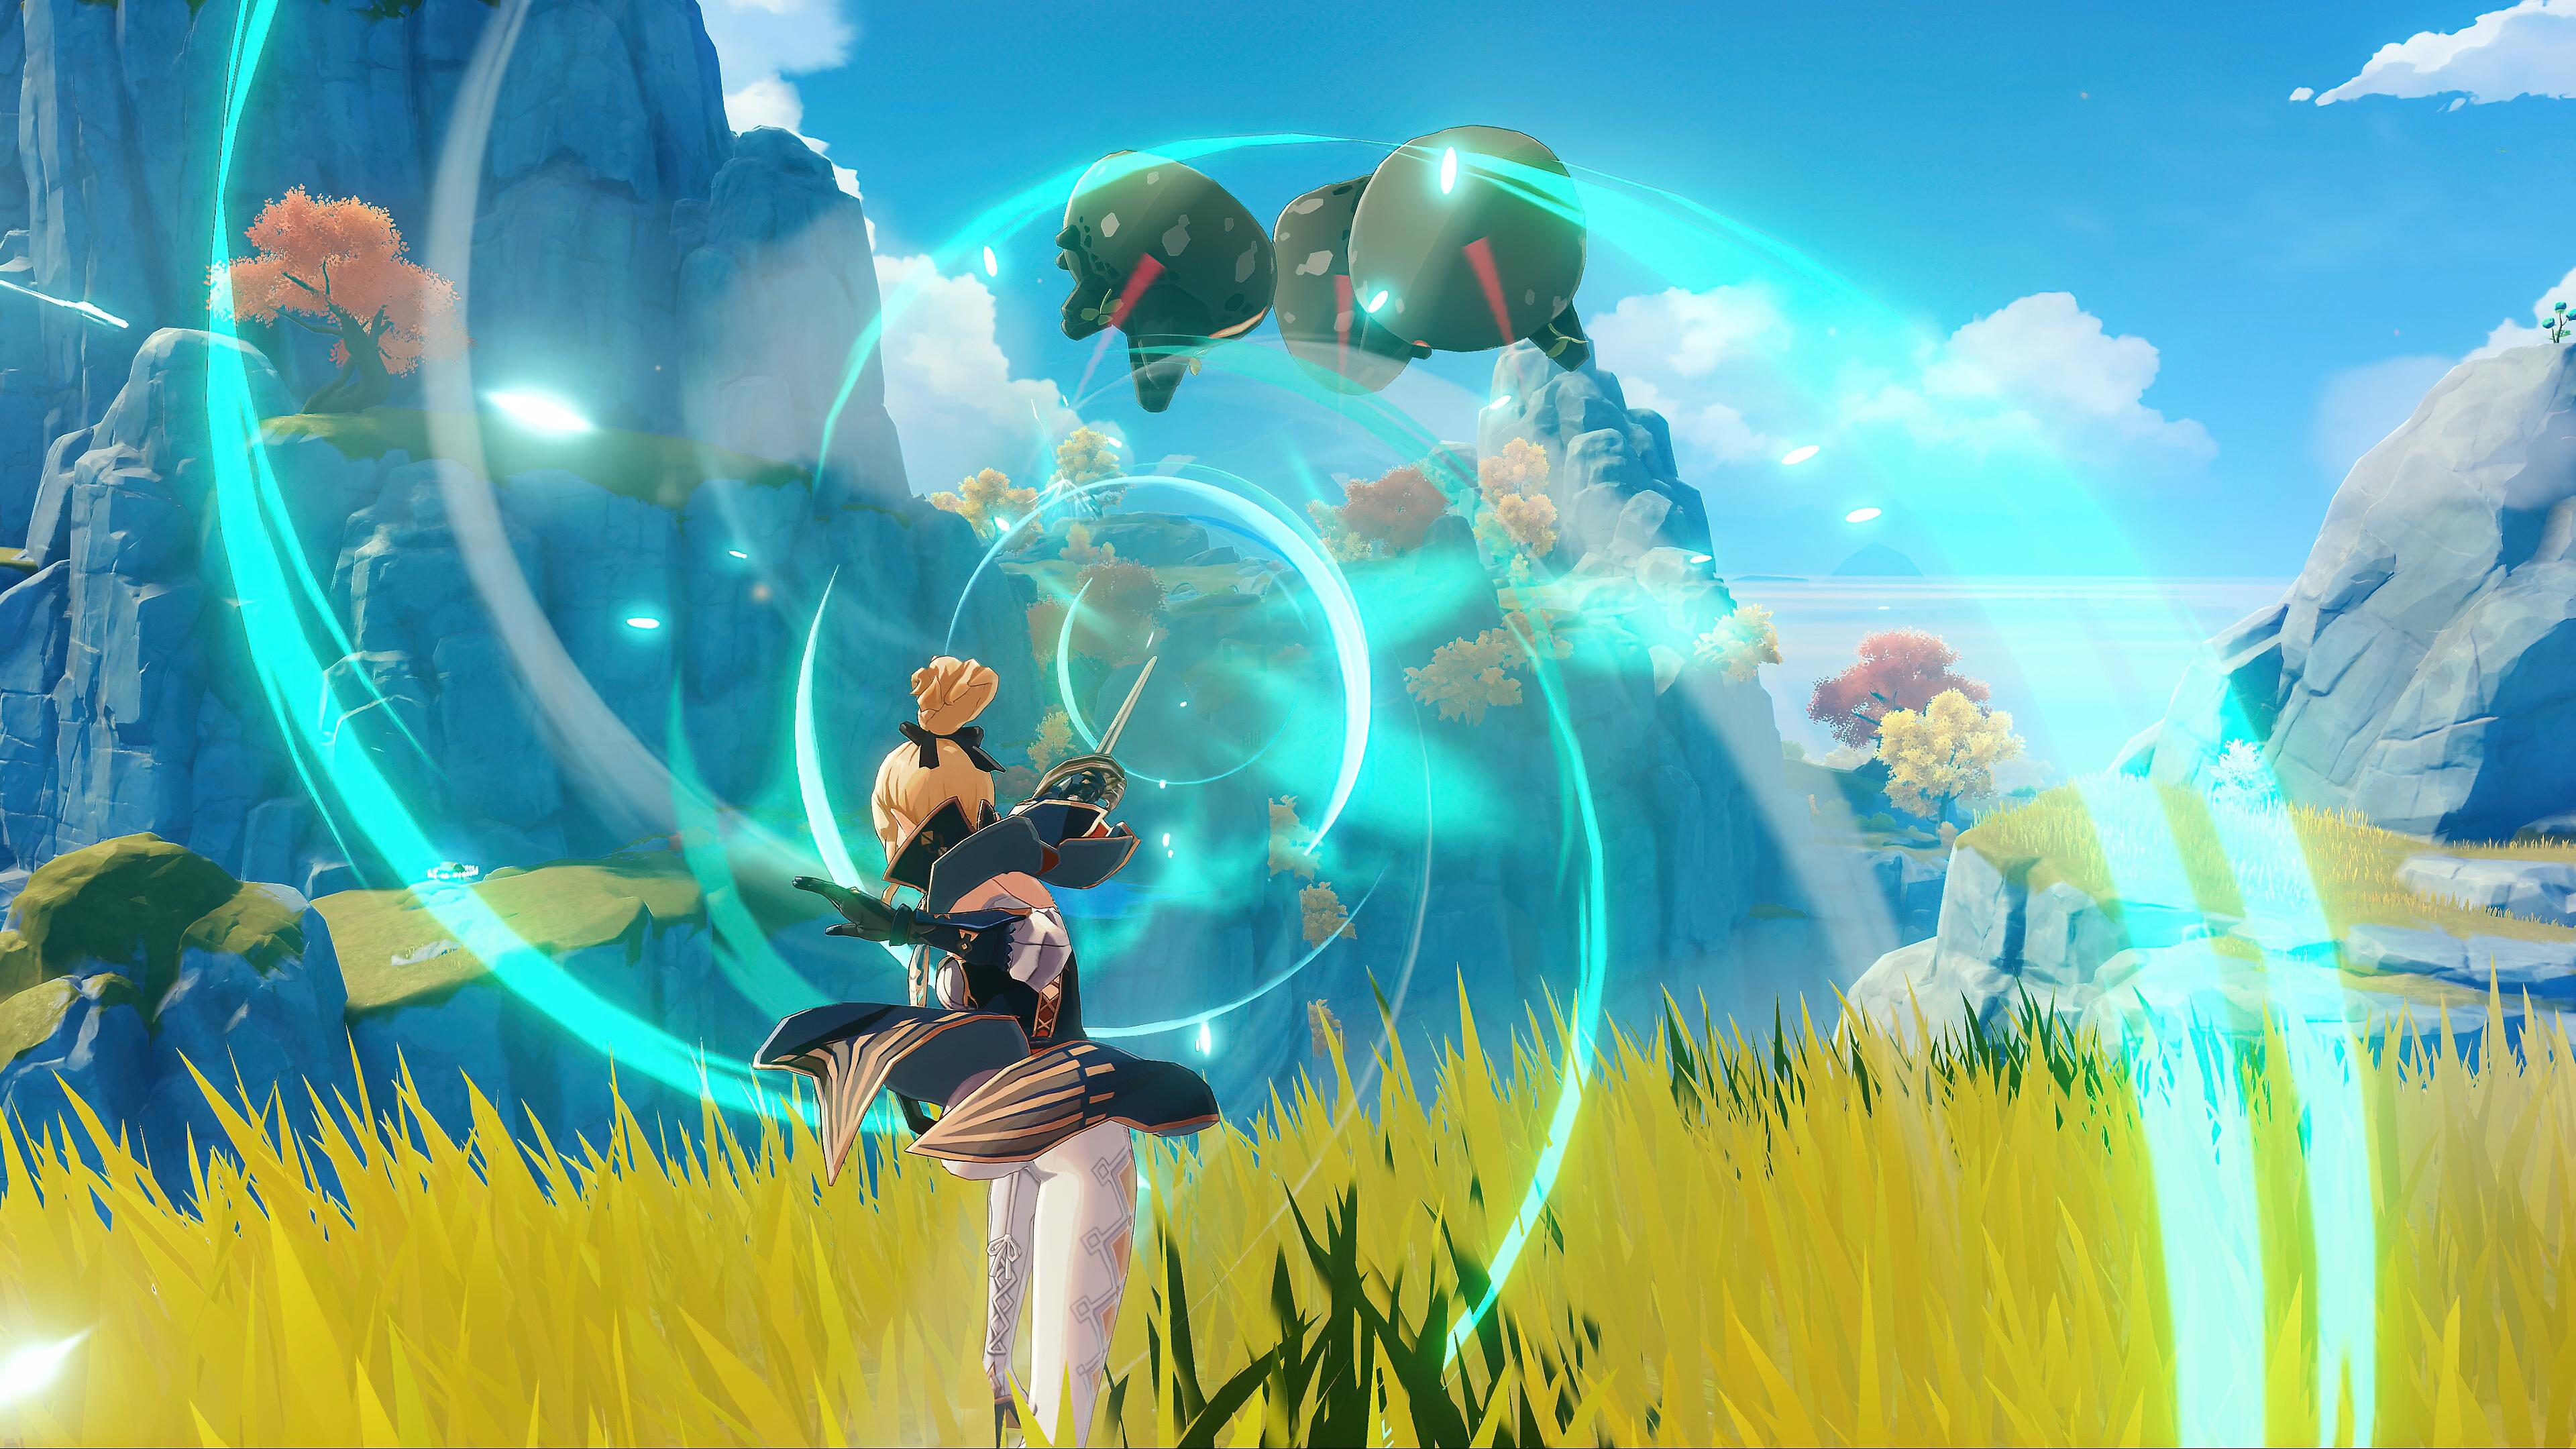 Genshin impact – Странствуйте в отряде из четырех игроков – изображение раздела